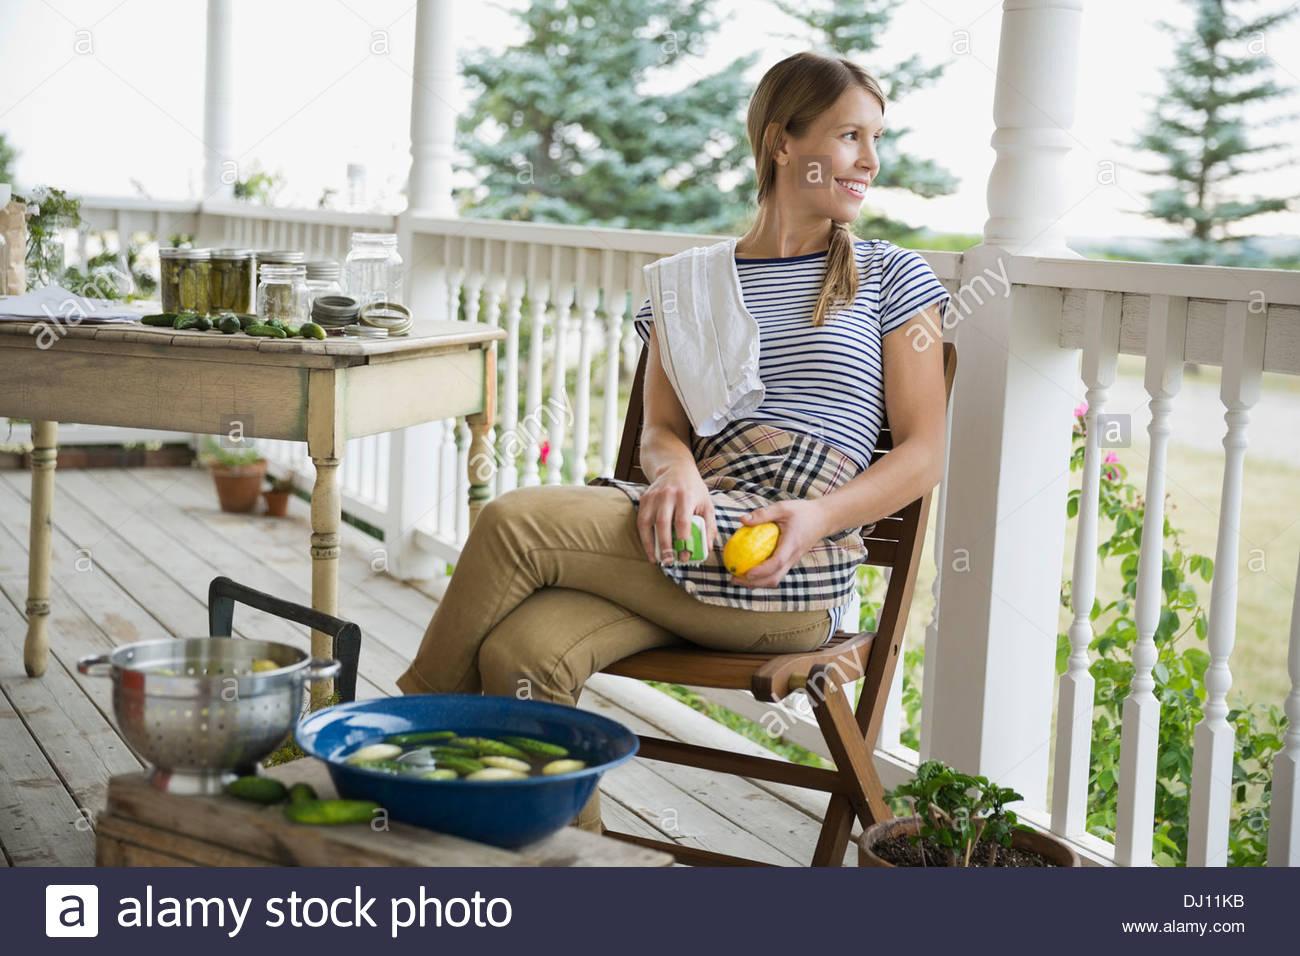 Junge Frau waschen Gemüse auf Veranda Stockbild